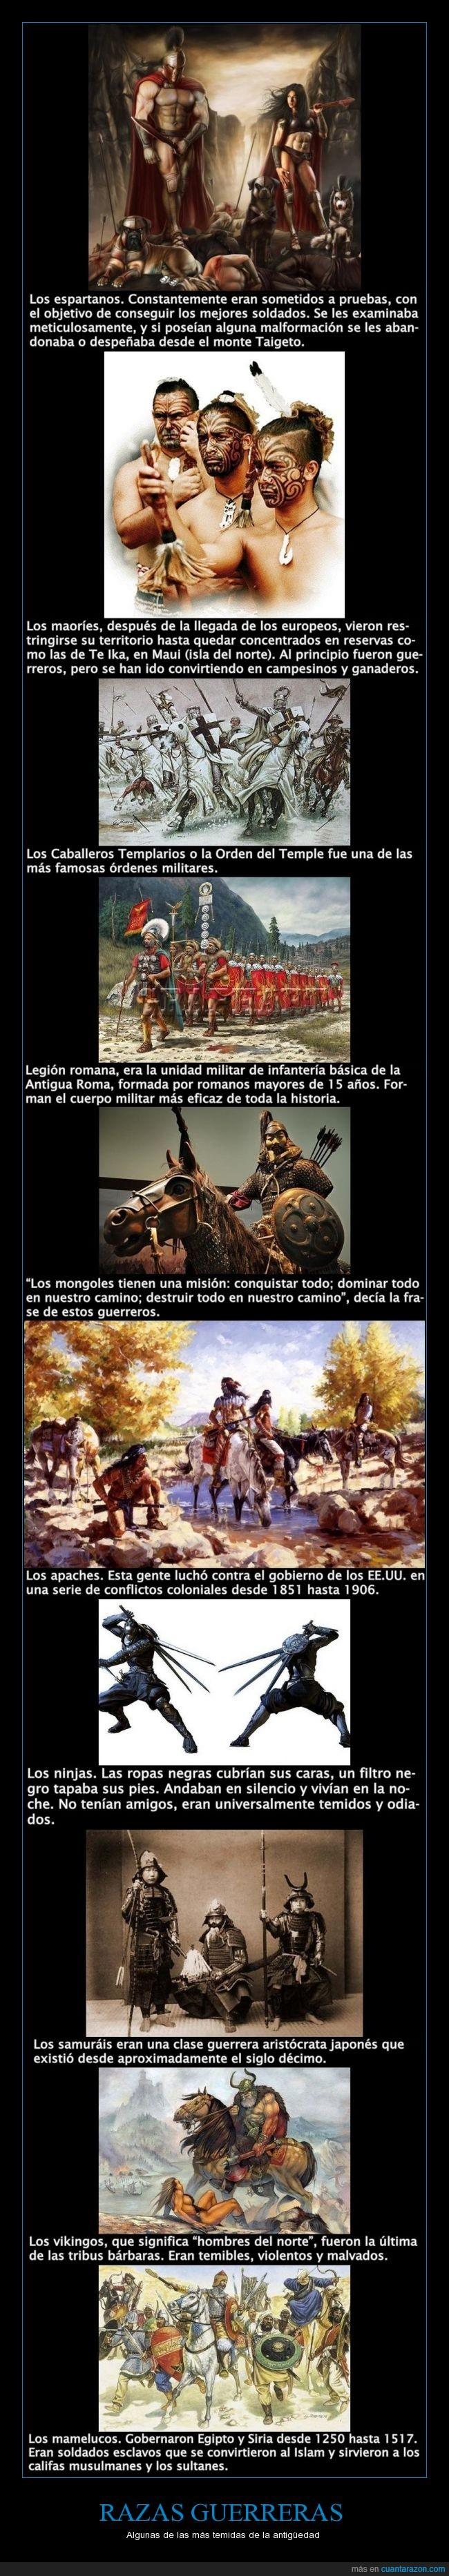 antigüedad,Caballeros templarios,casta guerrera,culturas guerreras,ejércitos,Legión romana,Los apaches,Los espartanos,Los guerreros maoríes,Los mongoles,Los samurais,Ninjas,razas guerreras,temidas